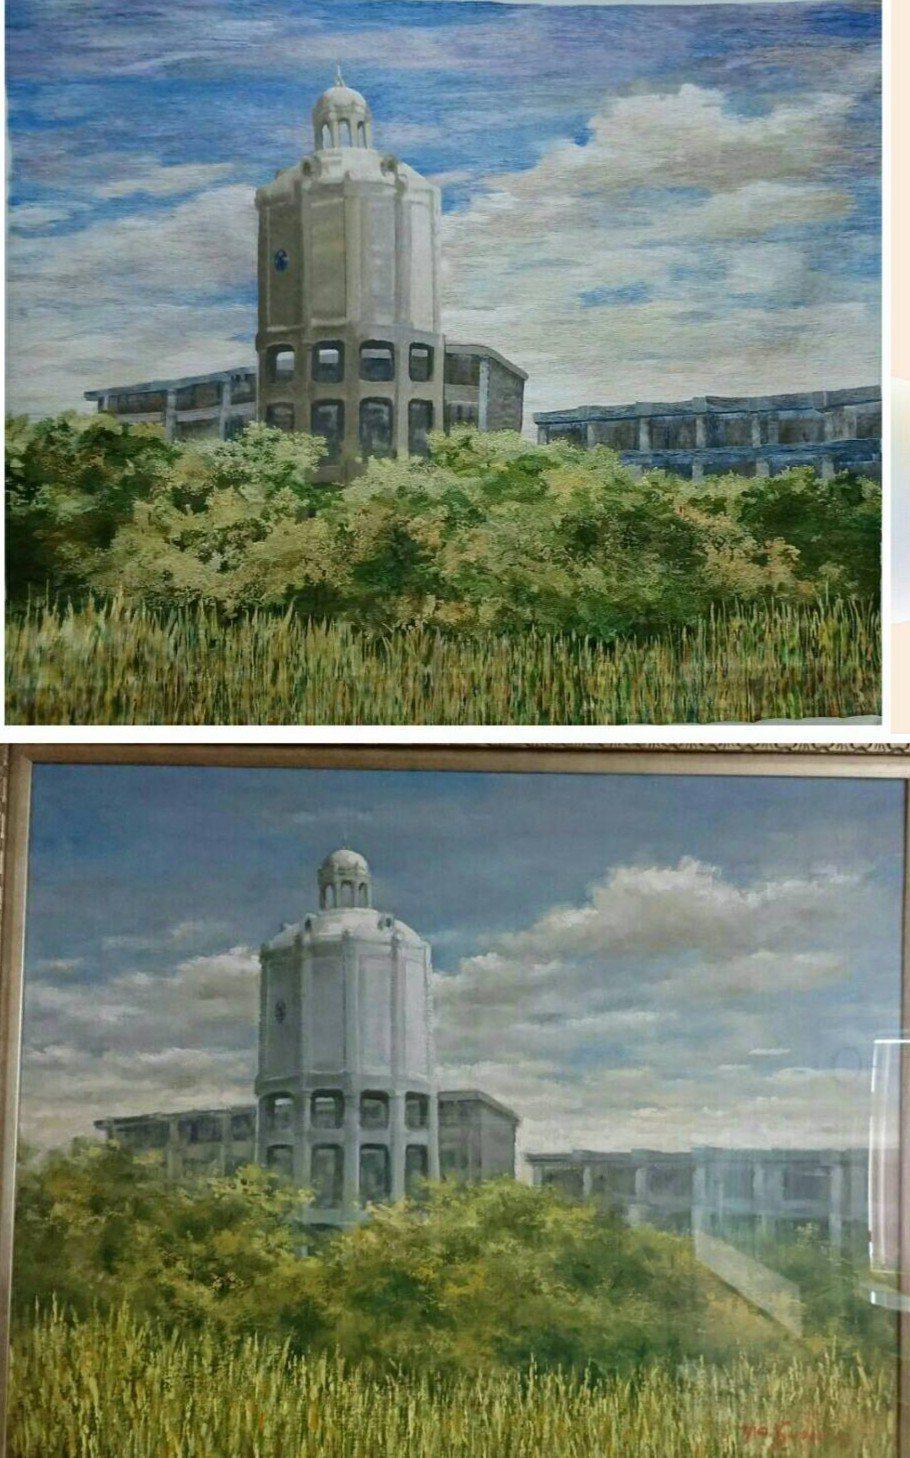 上圖是繡畫下圖是油畫,上下對照幾乎一模一樣。記者卜敏正/翻攝